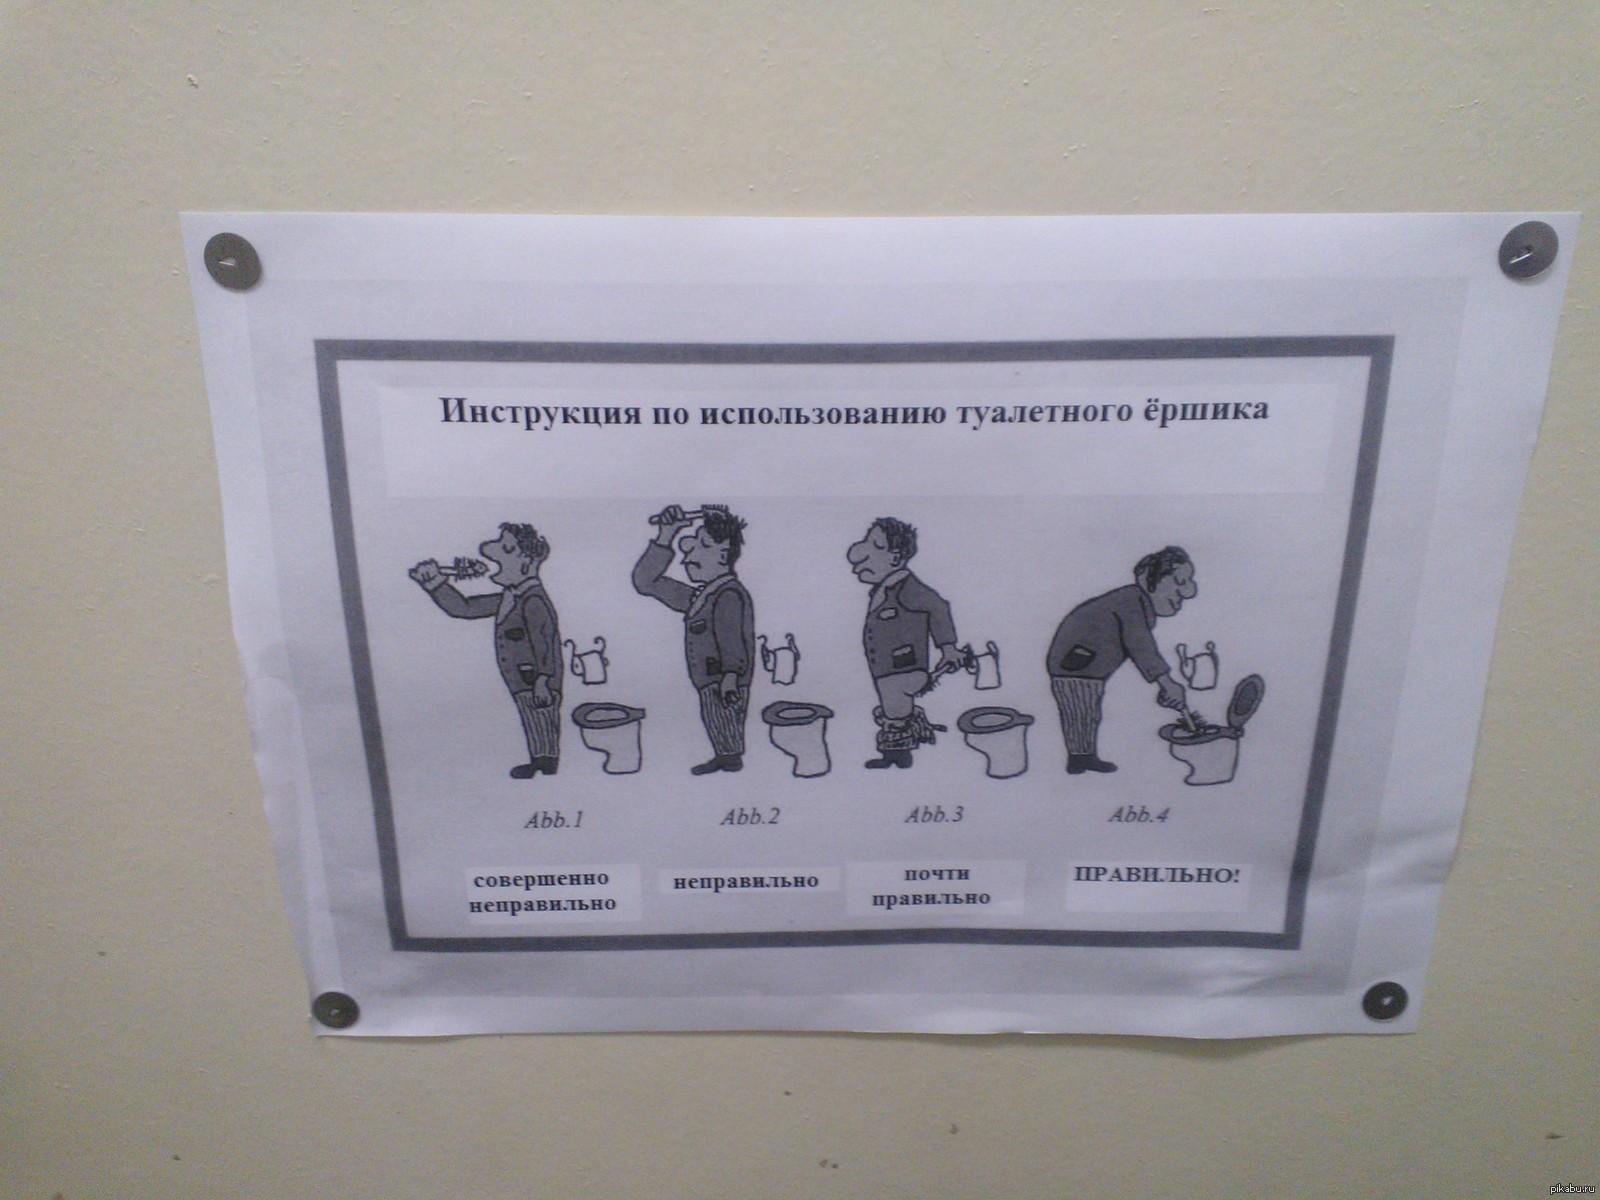 Смешные инструкции в картинках